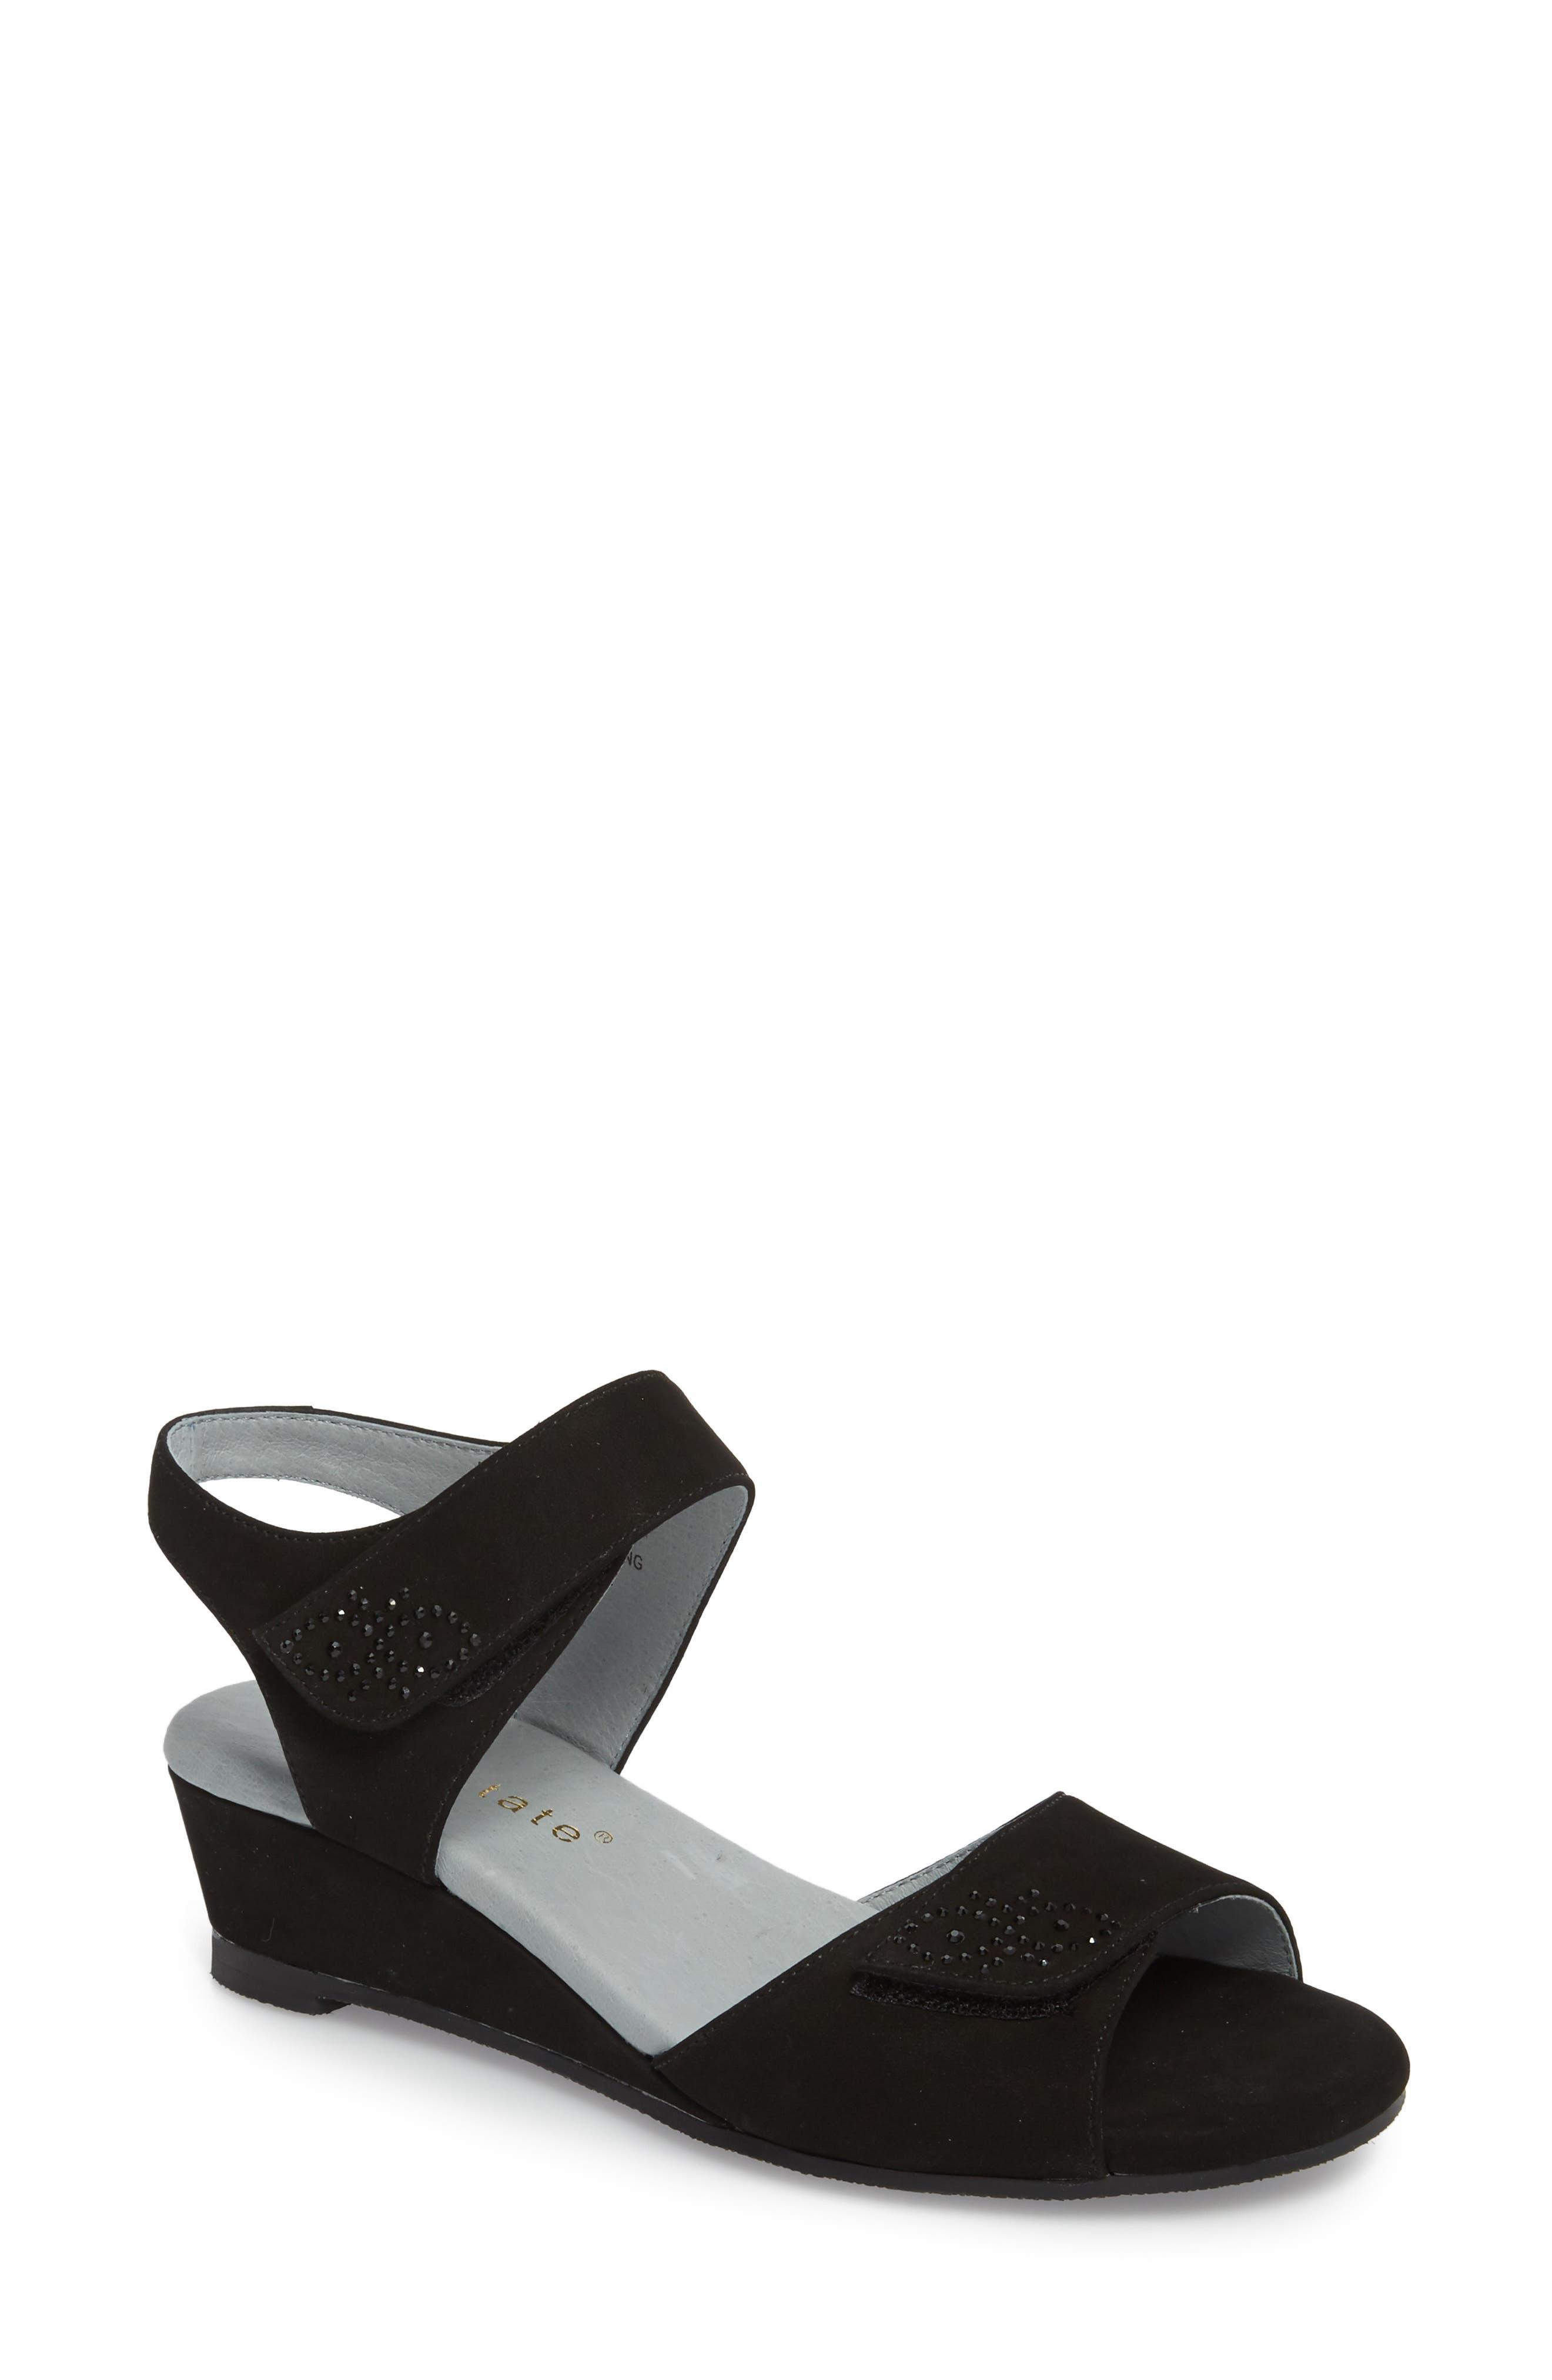 DAVID TATE Queen Embellished Wedge Sandal, Main, color, BLACK NUBUCK